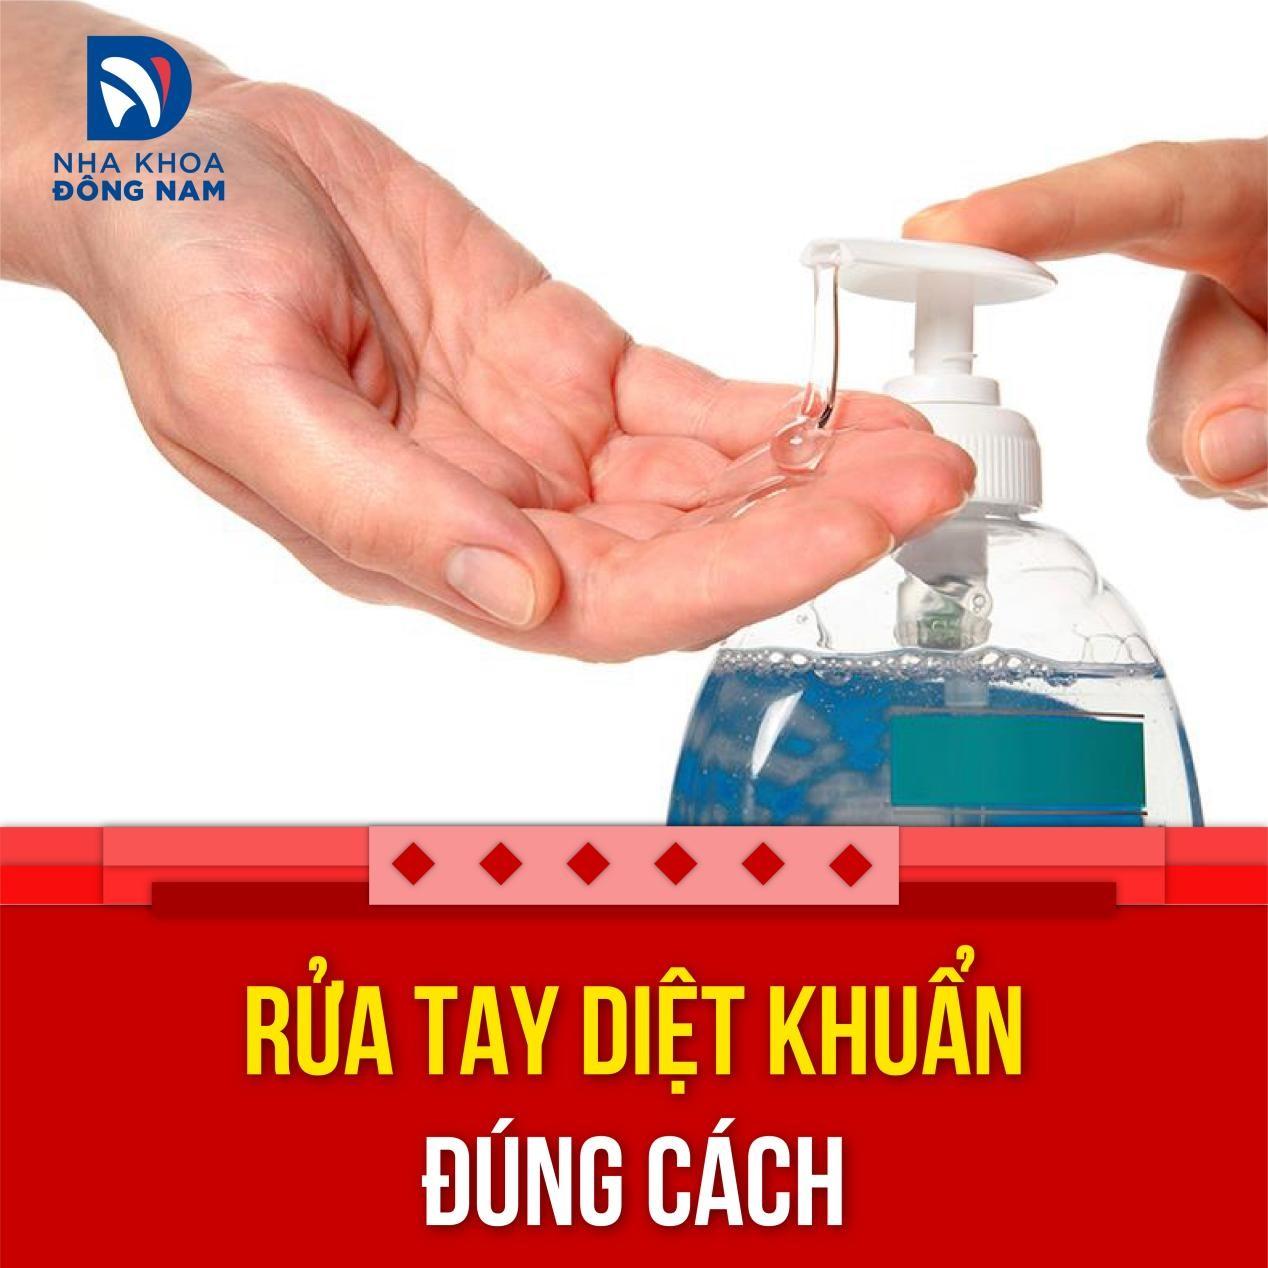 Tuân thủ rửa tay diệt khuẩn đúng cách